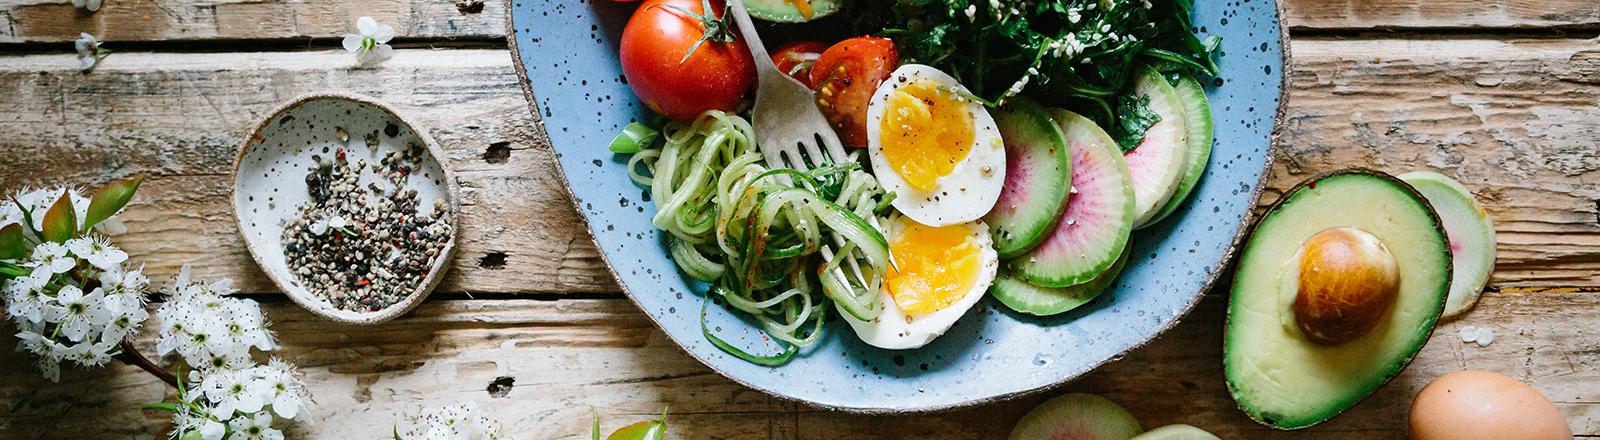 Ein Teller mit frischem Gemüse und Ei steht auf einem Tisch.